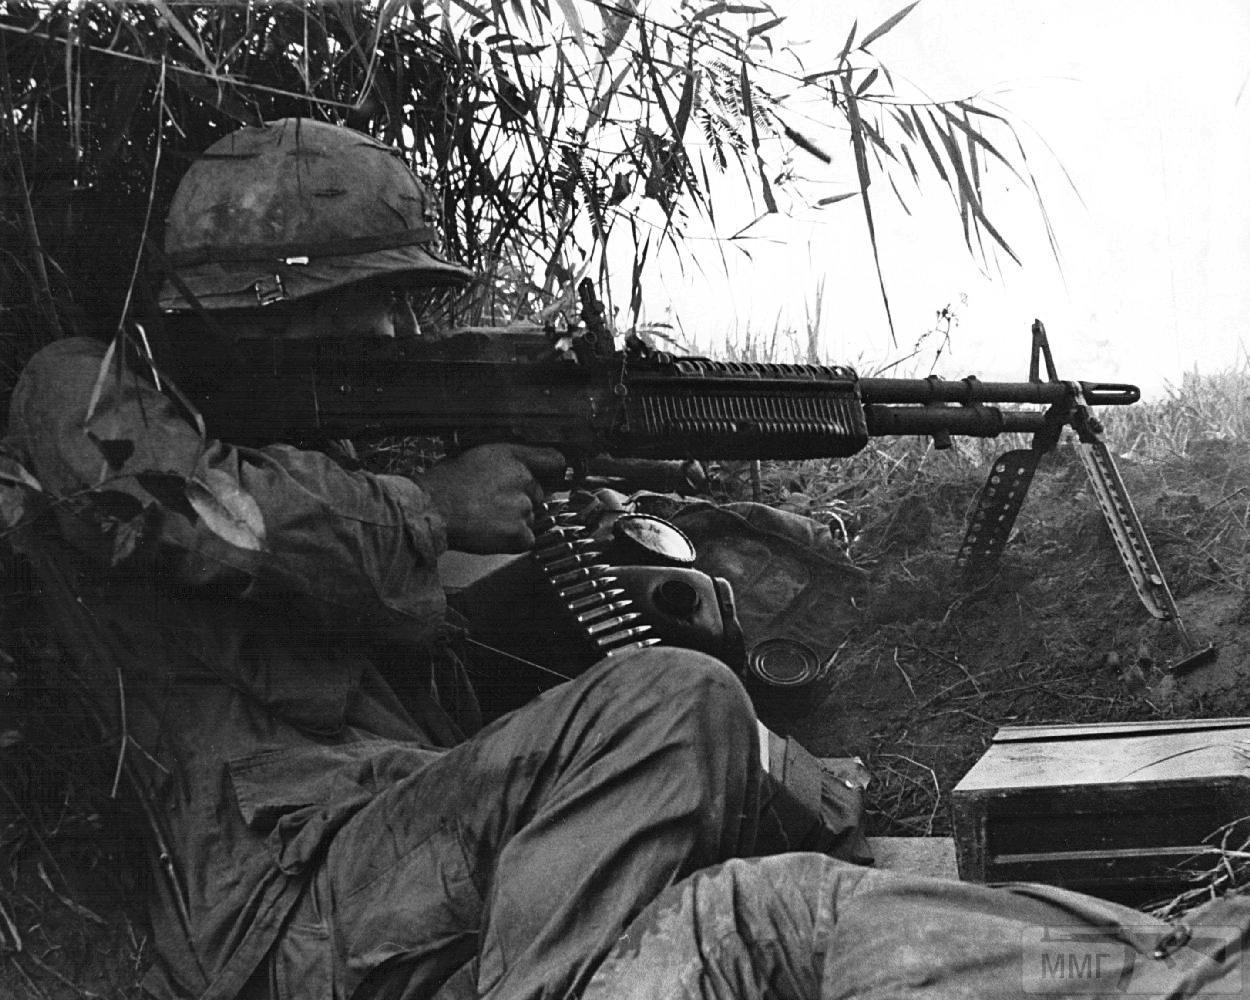 79013 - Сухопутные операции во Вьетнаме